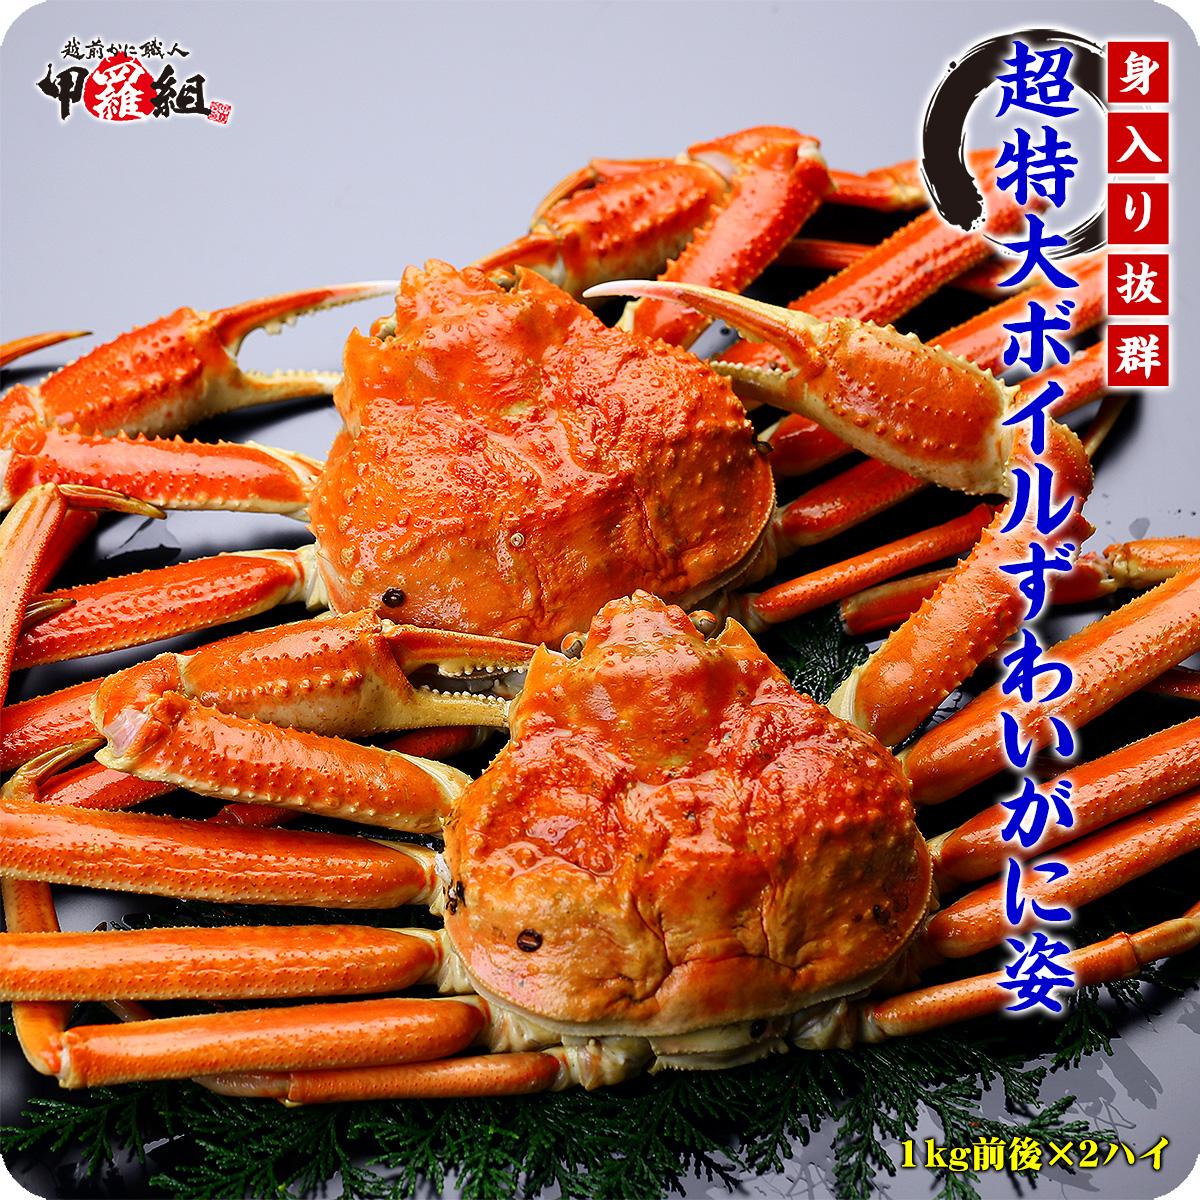 足の身はもちろん、カニ味噌までギッシリ!【カニ】【かに】【蟹】 希少な超特大ボイルずわいがに姿1kg前後×2尾(食べ方の説明書同封)[送料無料]【カニ】【かに】【蟹】